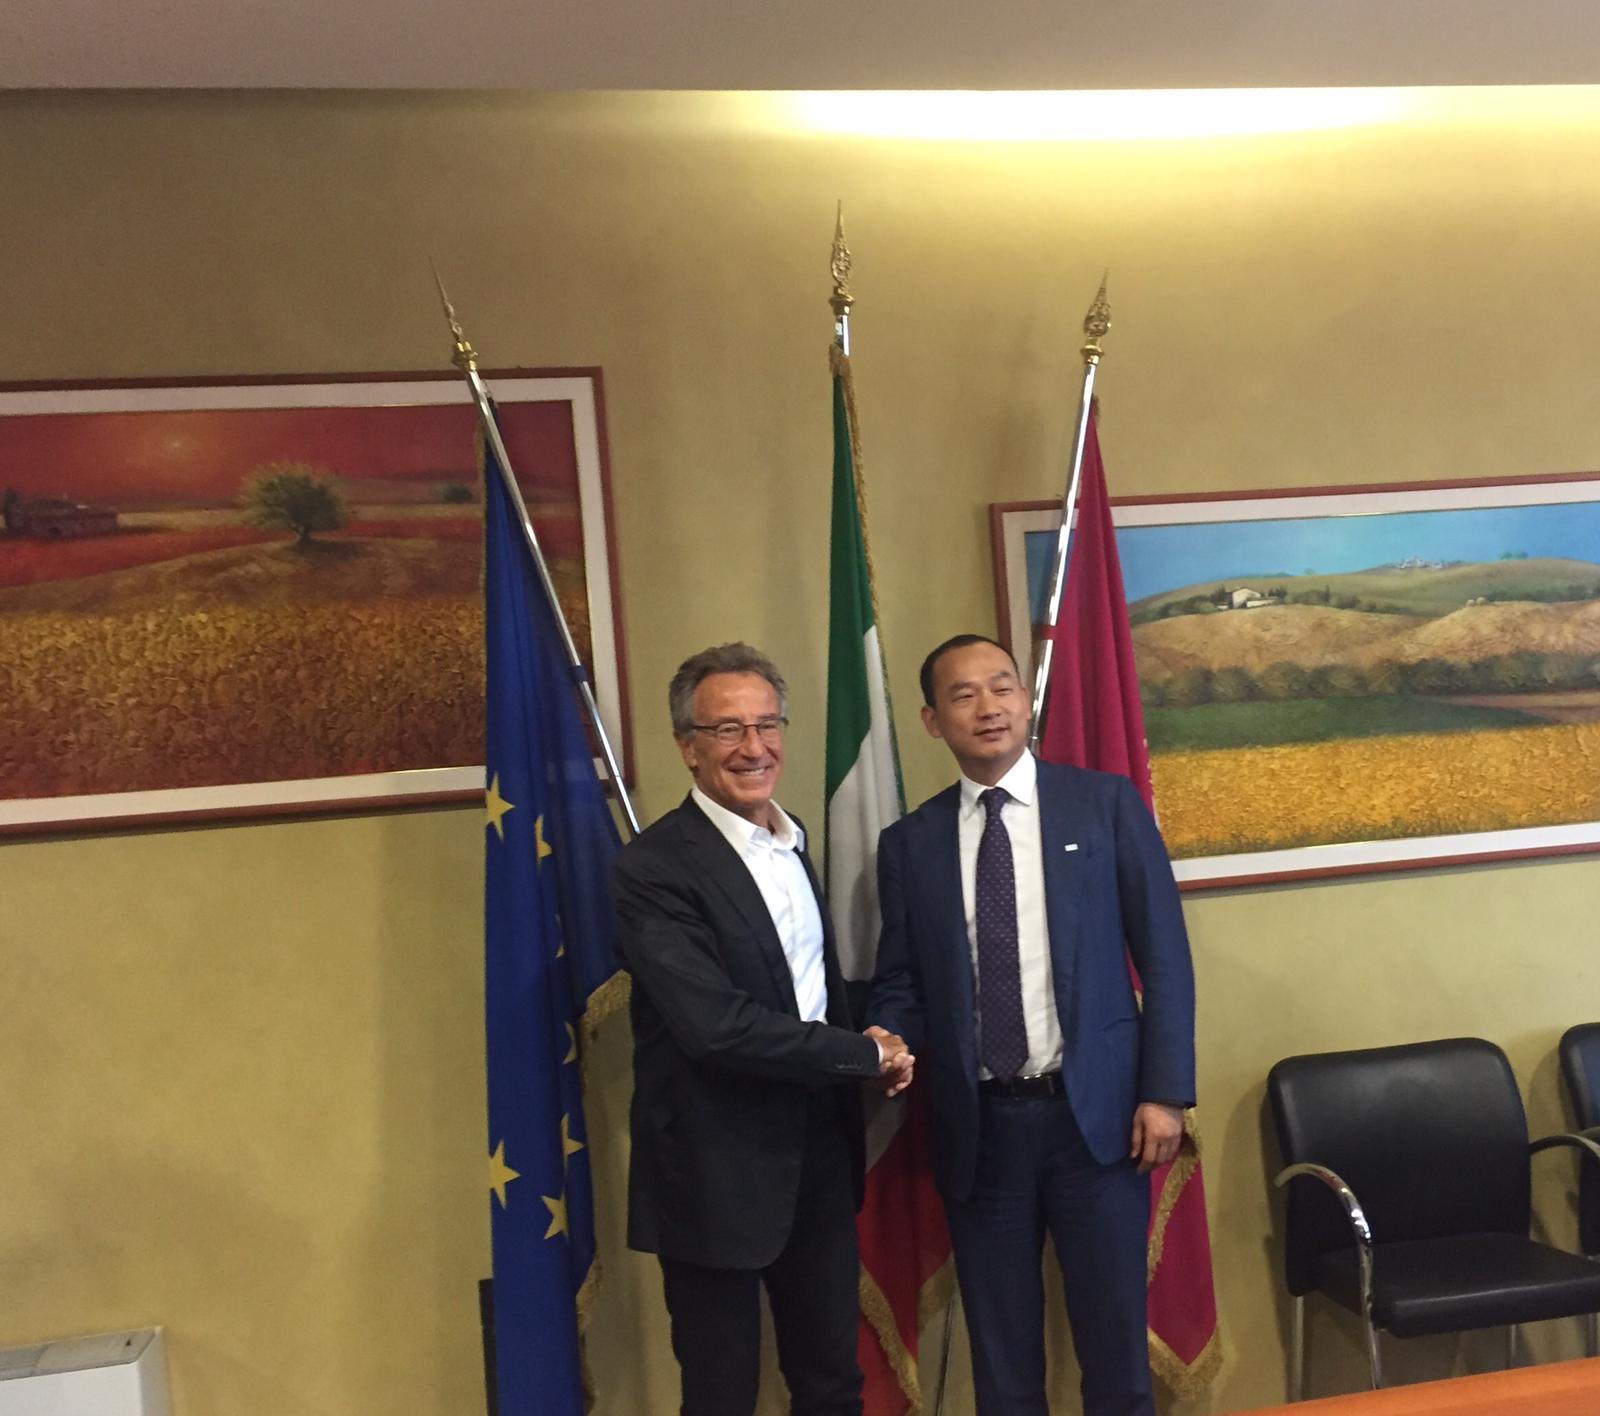 firma accordo ZTE Italia Regione Abruzzo - da sinistra Giovanni Lolli, Presidente Vicario Regione Abruzzo e Hu Kun, CEO ZTE Italia e Presidente Western Europe